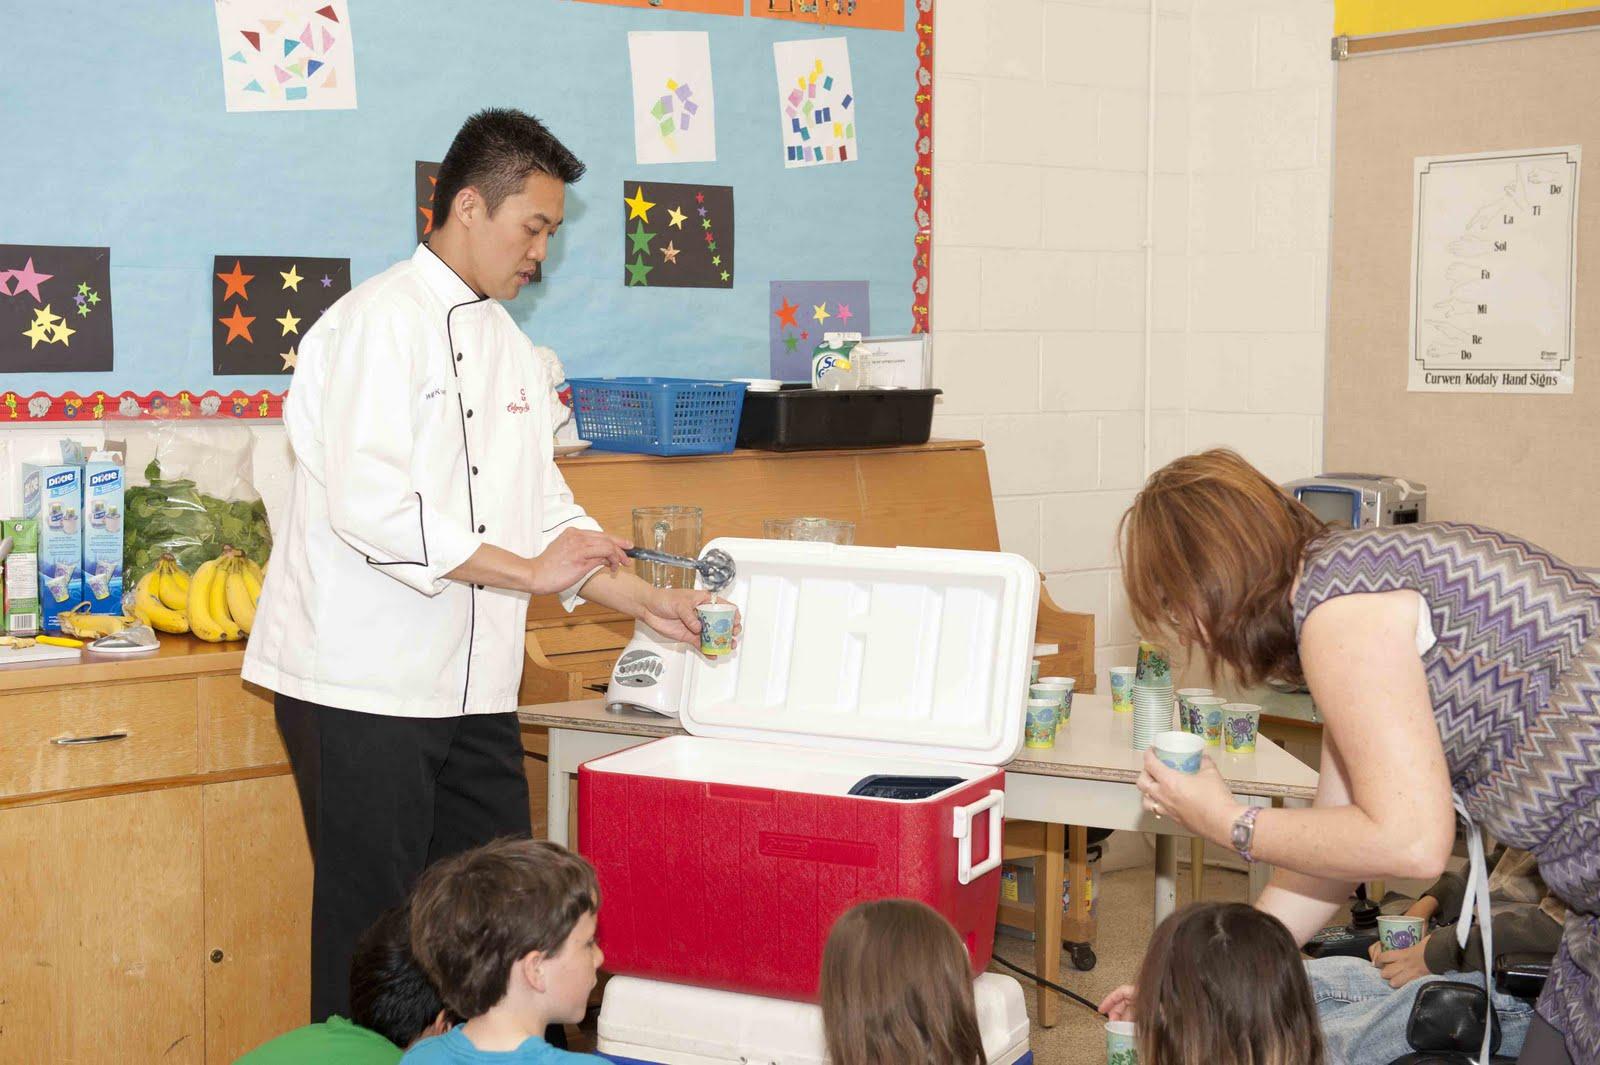 Community Kitchen Program Of Calgary